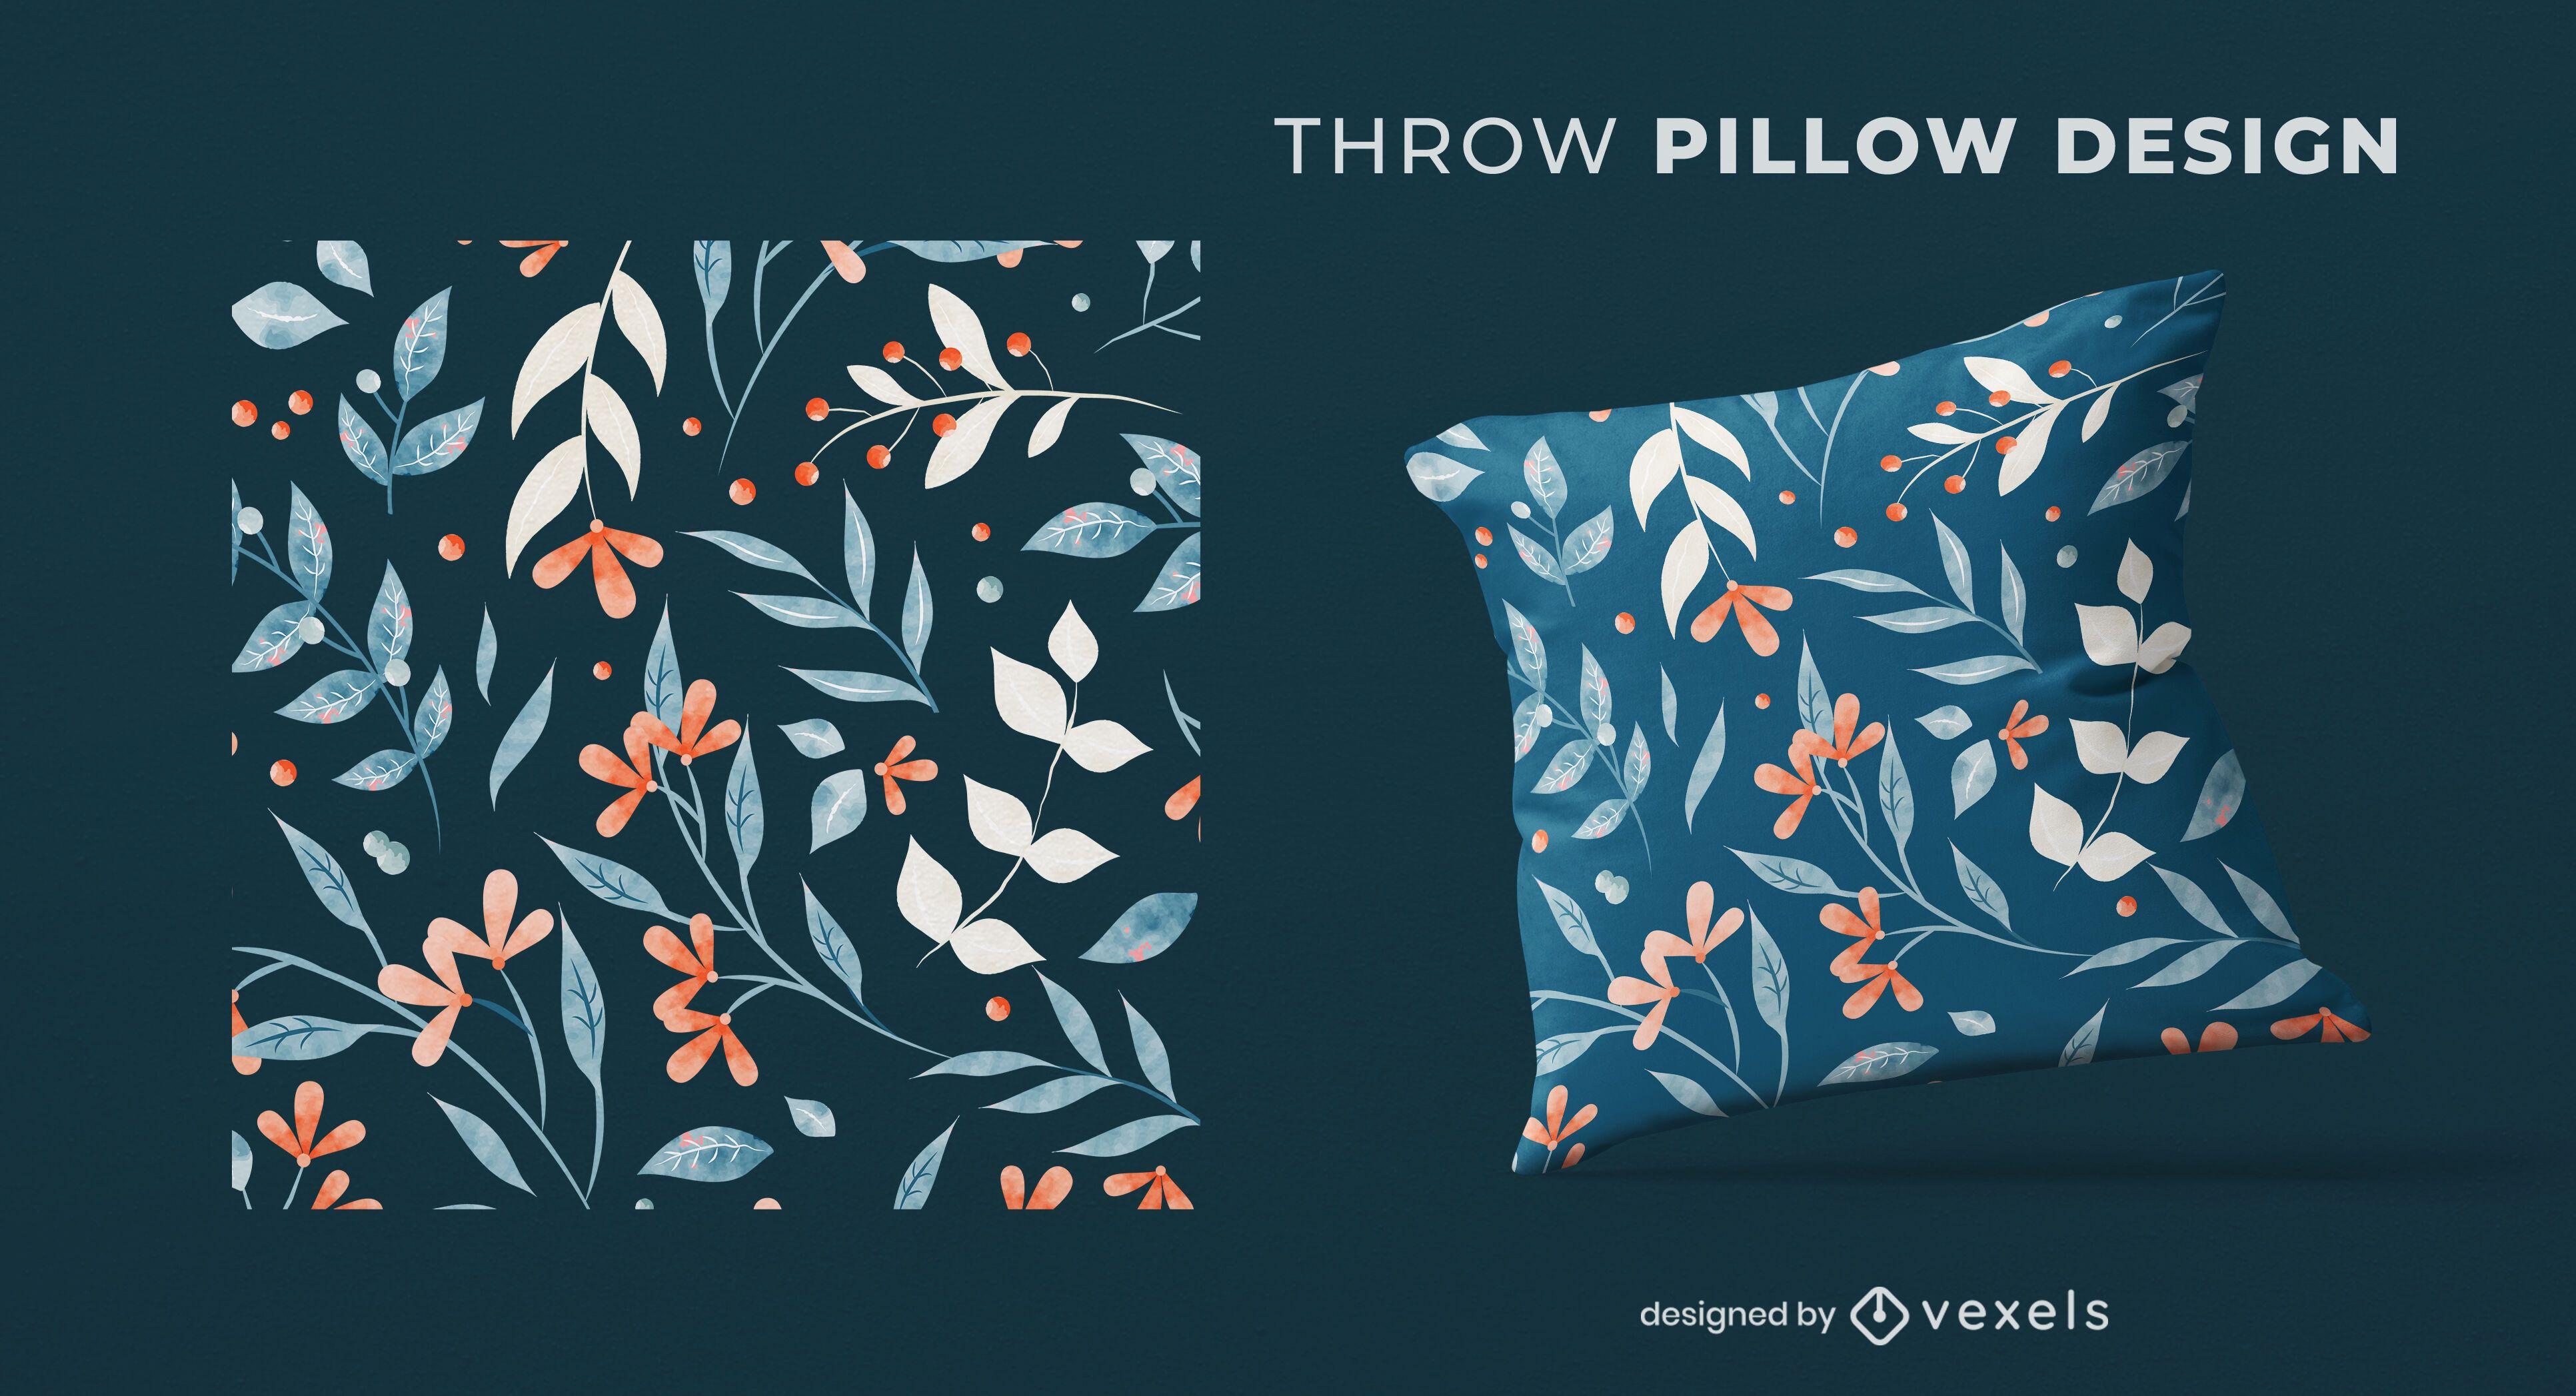 Design de almofada floral com galhos